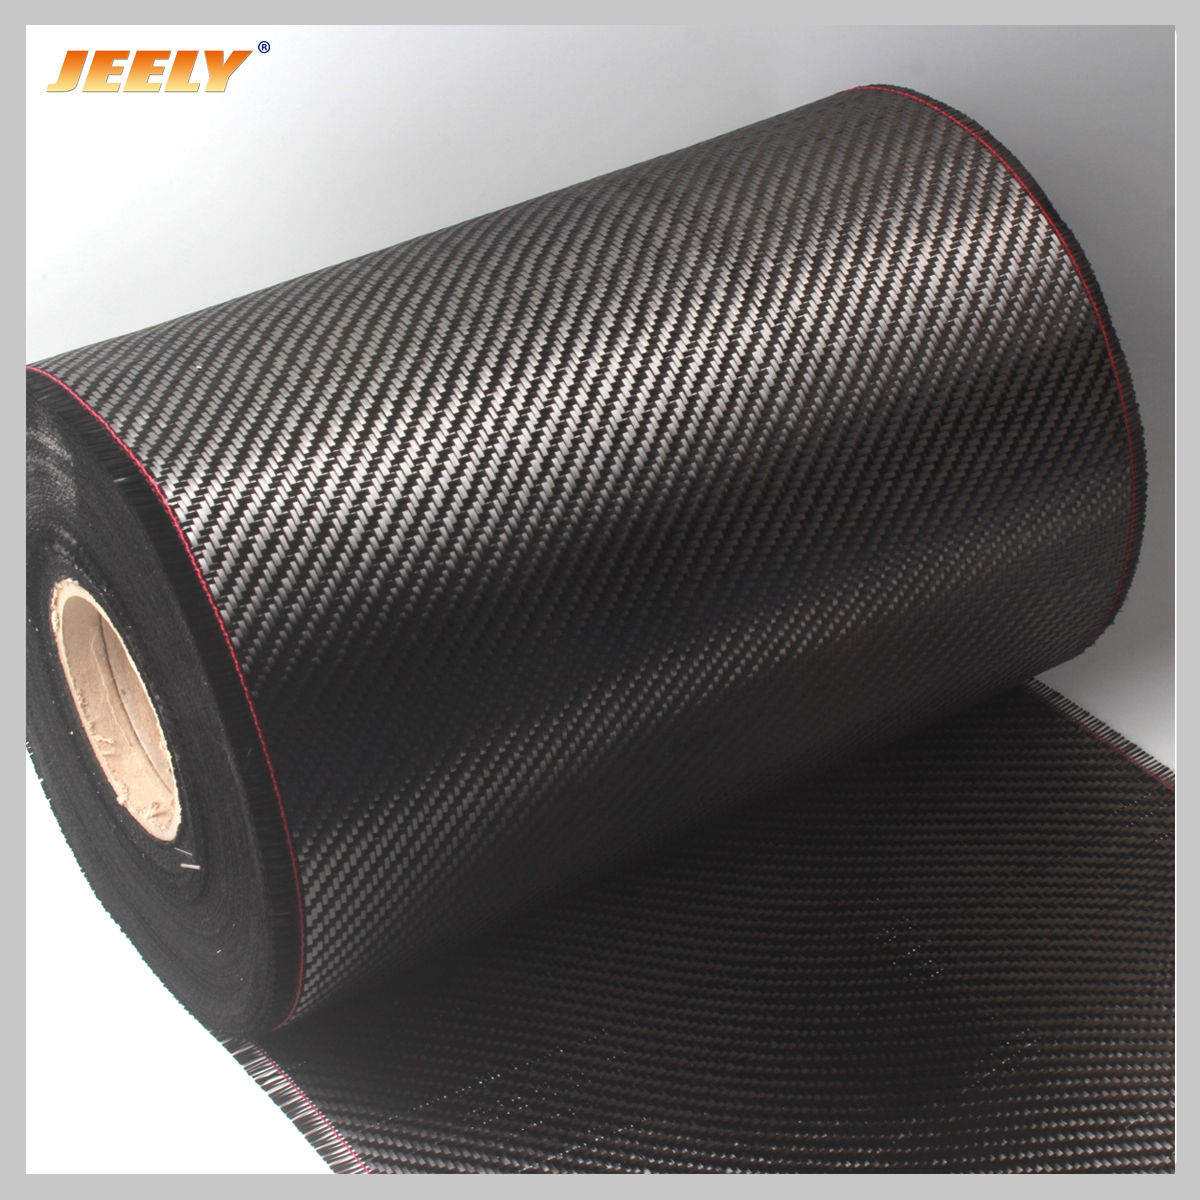 31 см 3K 200g ткань саржевого переплетения из углеродного волокна для автозапчастей спортивное оборудование доски для серфинга